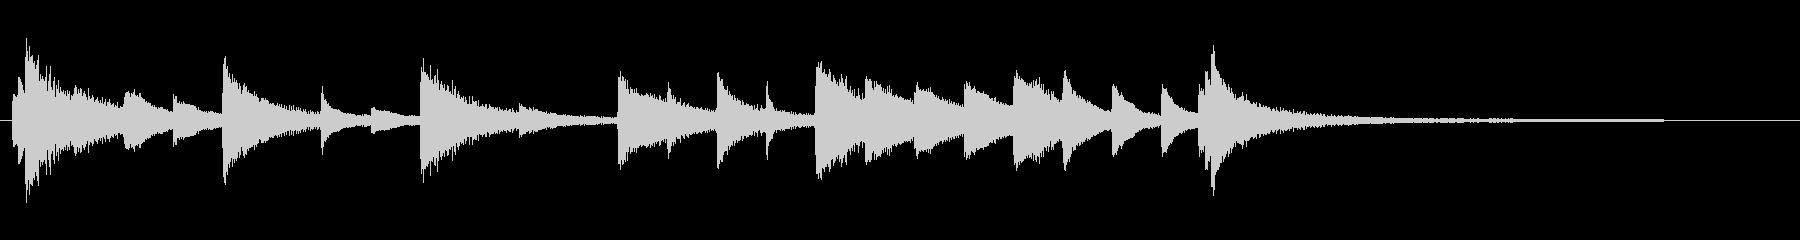 優雅なメロディのピアノジングルの未再生の波形